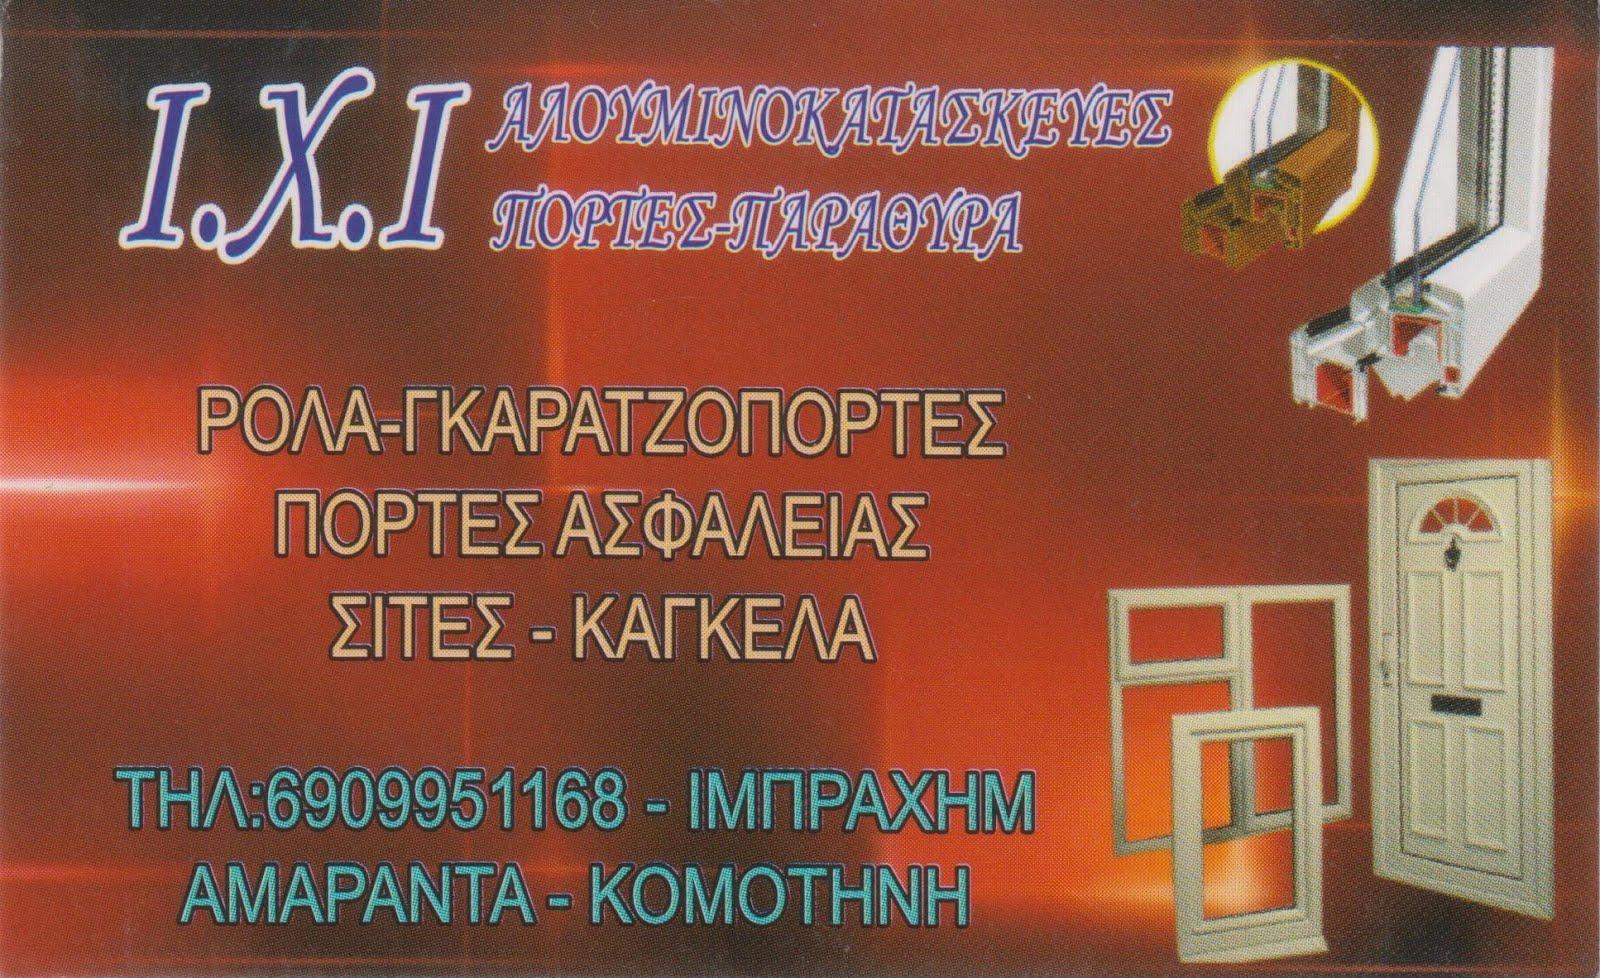 ΑΛΟΥΜΙΝΟΚΑΤΑΣΚΕΥΕΣ